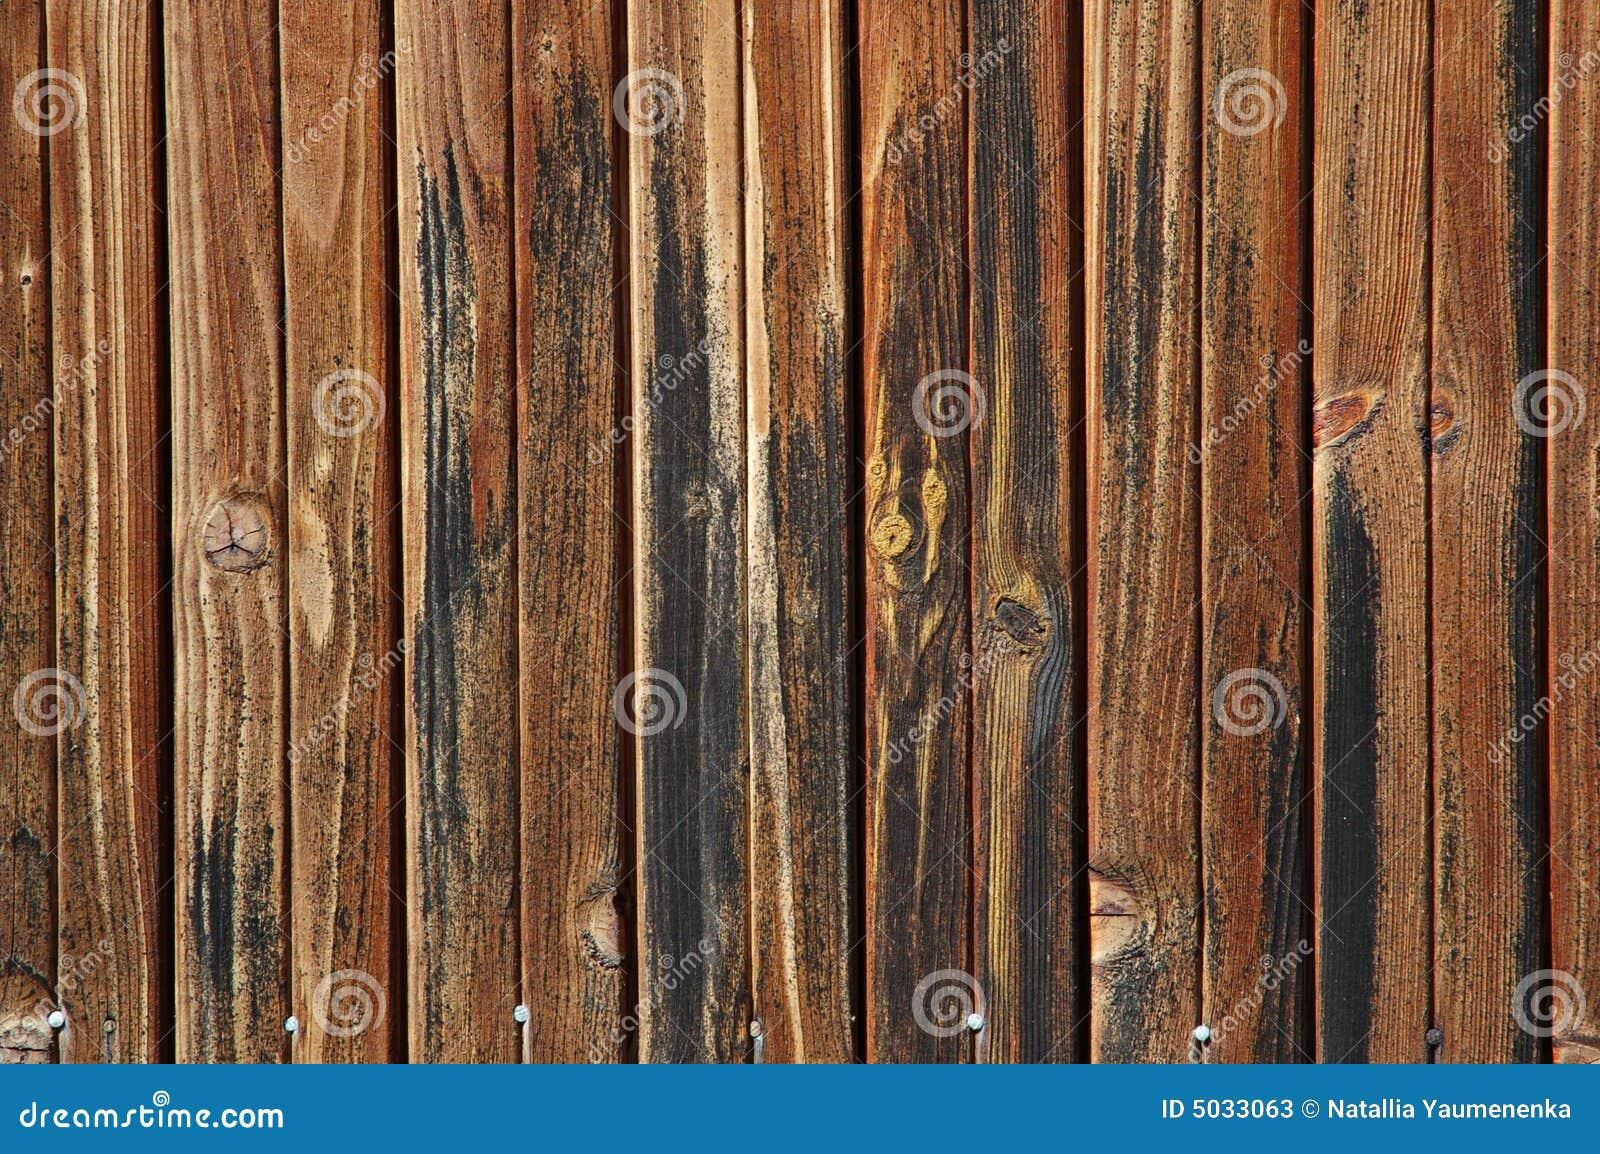 beautiful wood texture stock photos image 5033063